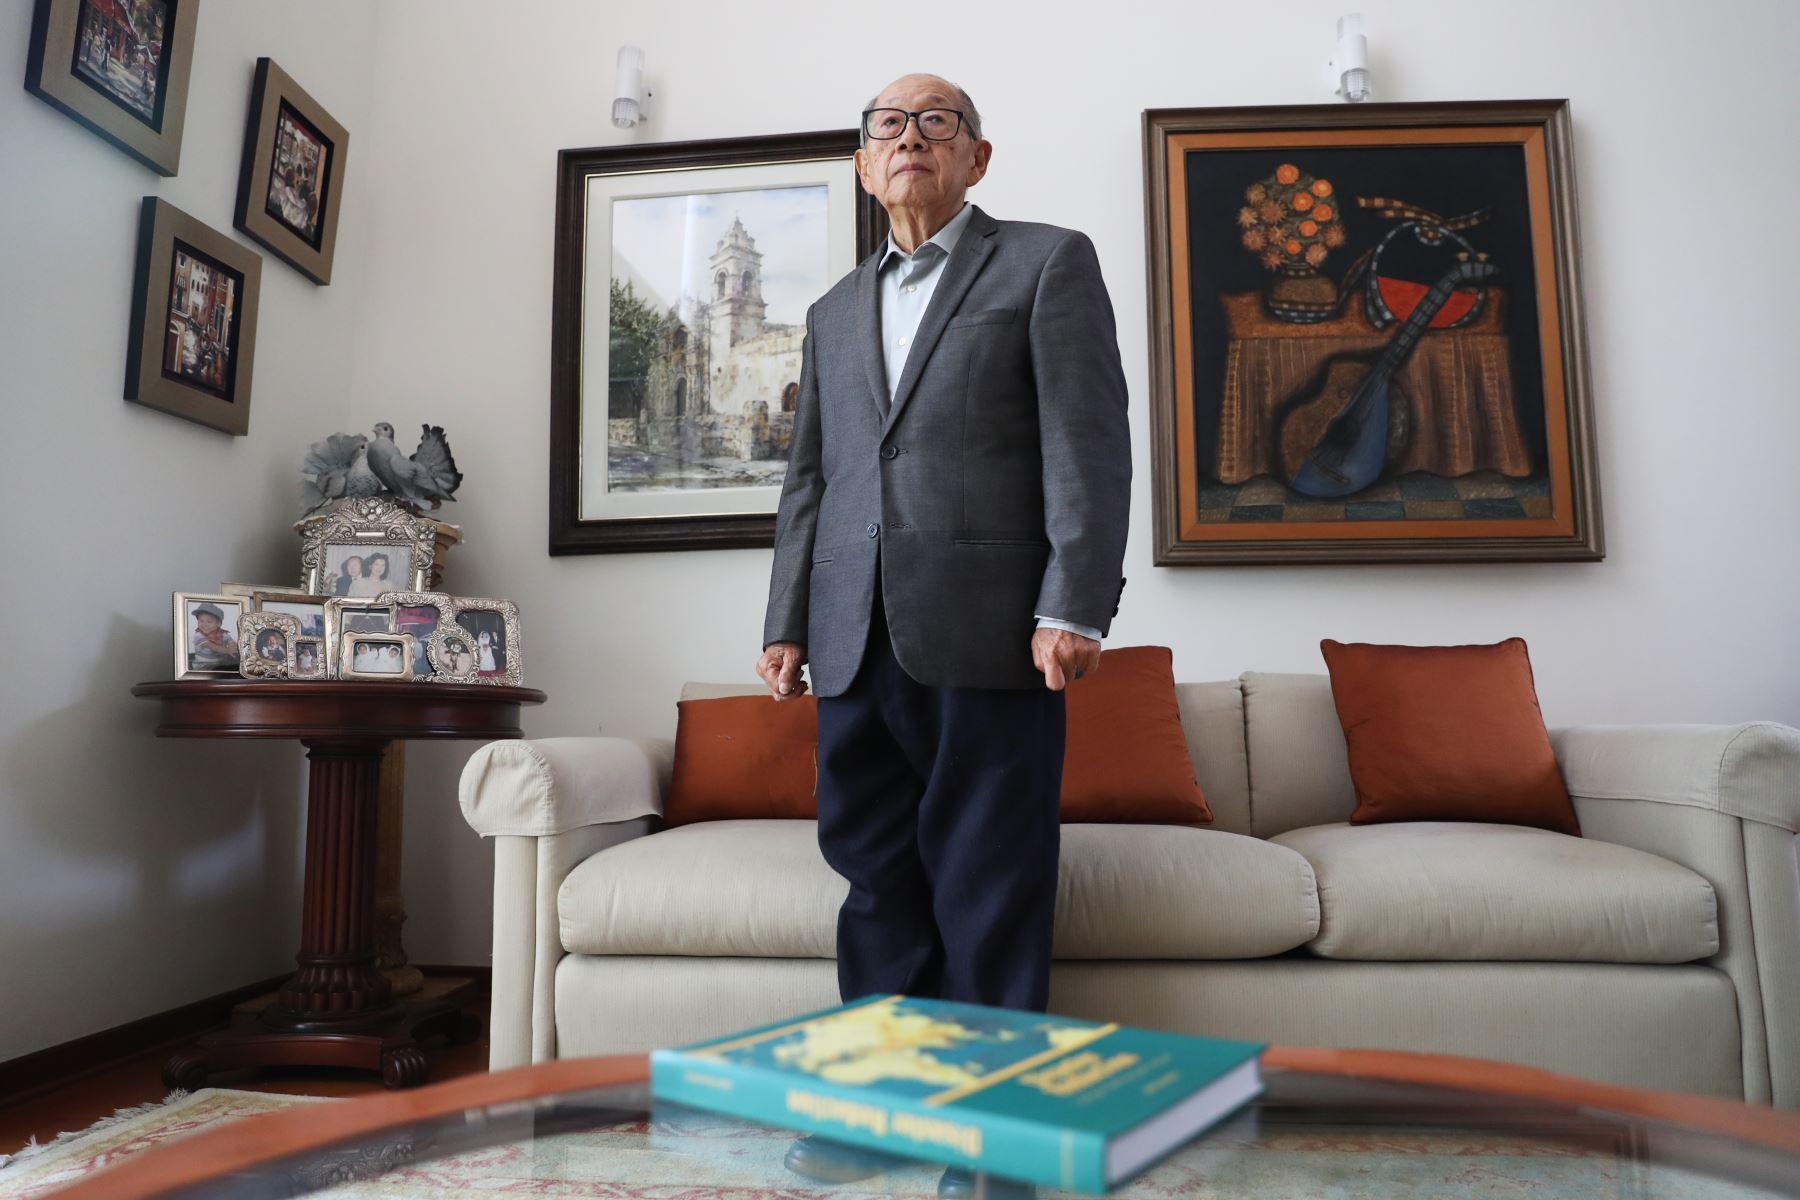 El ingeniero y sismólogo Julio Kuroiwa falleció a los 83 años de edad luego de permanecer hospitalizado durante varios días por una afección pulmonar, informó el rector de la Universidad Nacional de Ingeniería (UNI), Jorge Alva Hurtado.   Foto: ANDINA/Melina Mejía